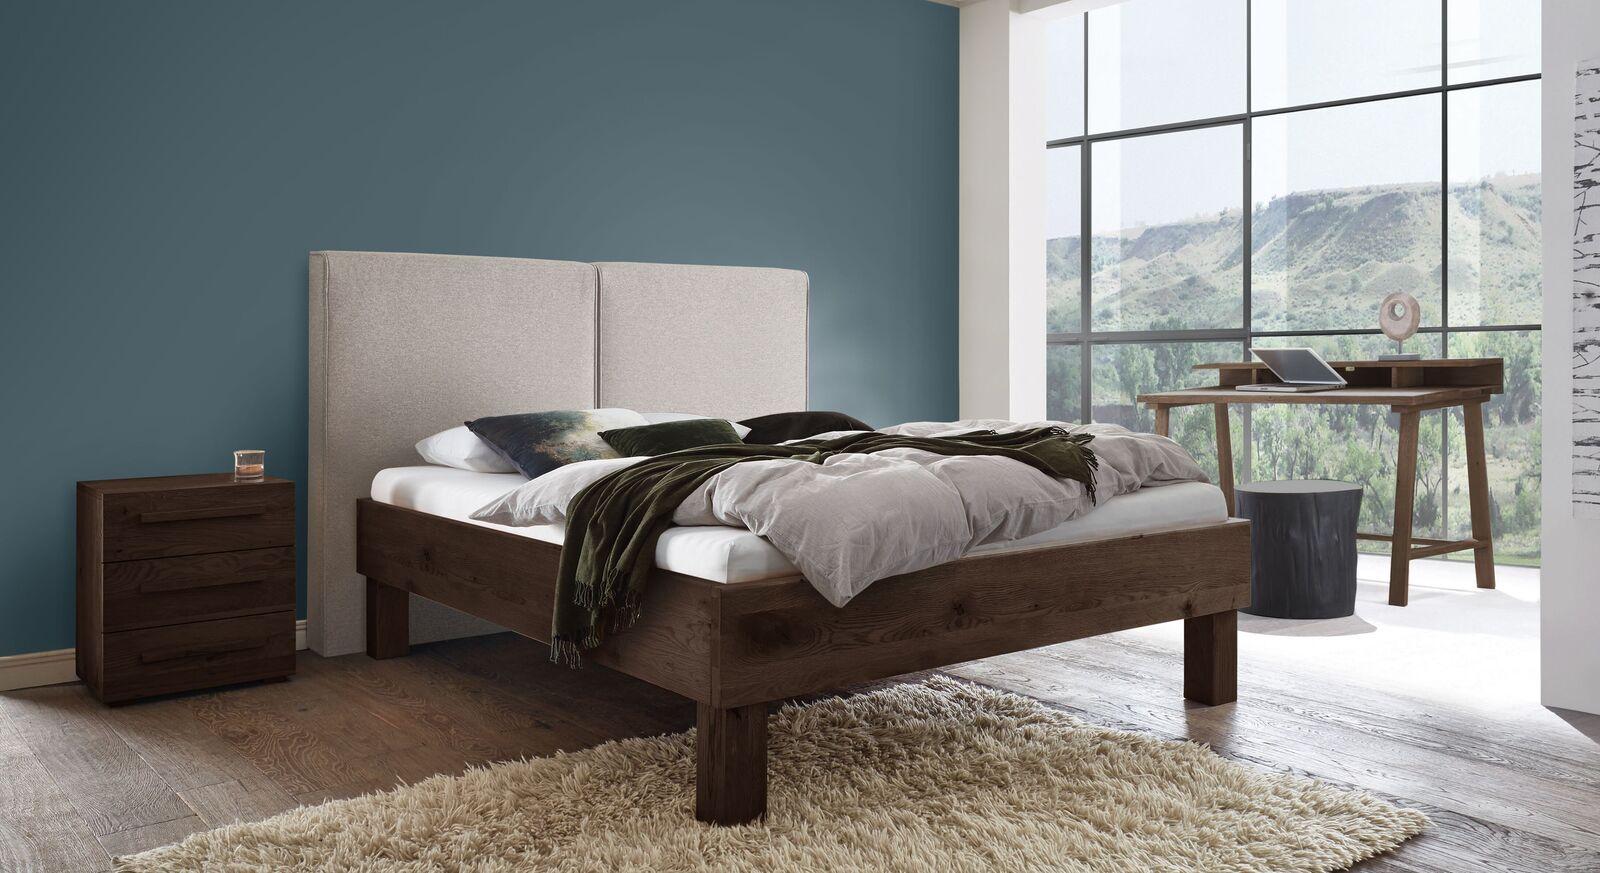 Bett Urmas mit passender Schlafzimmer-Ausstattung